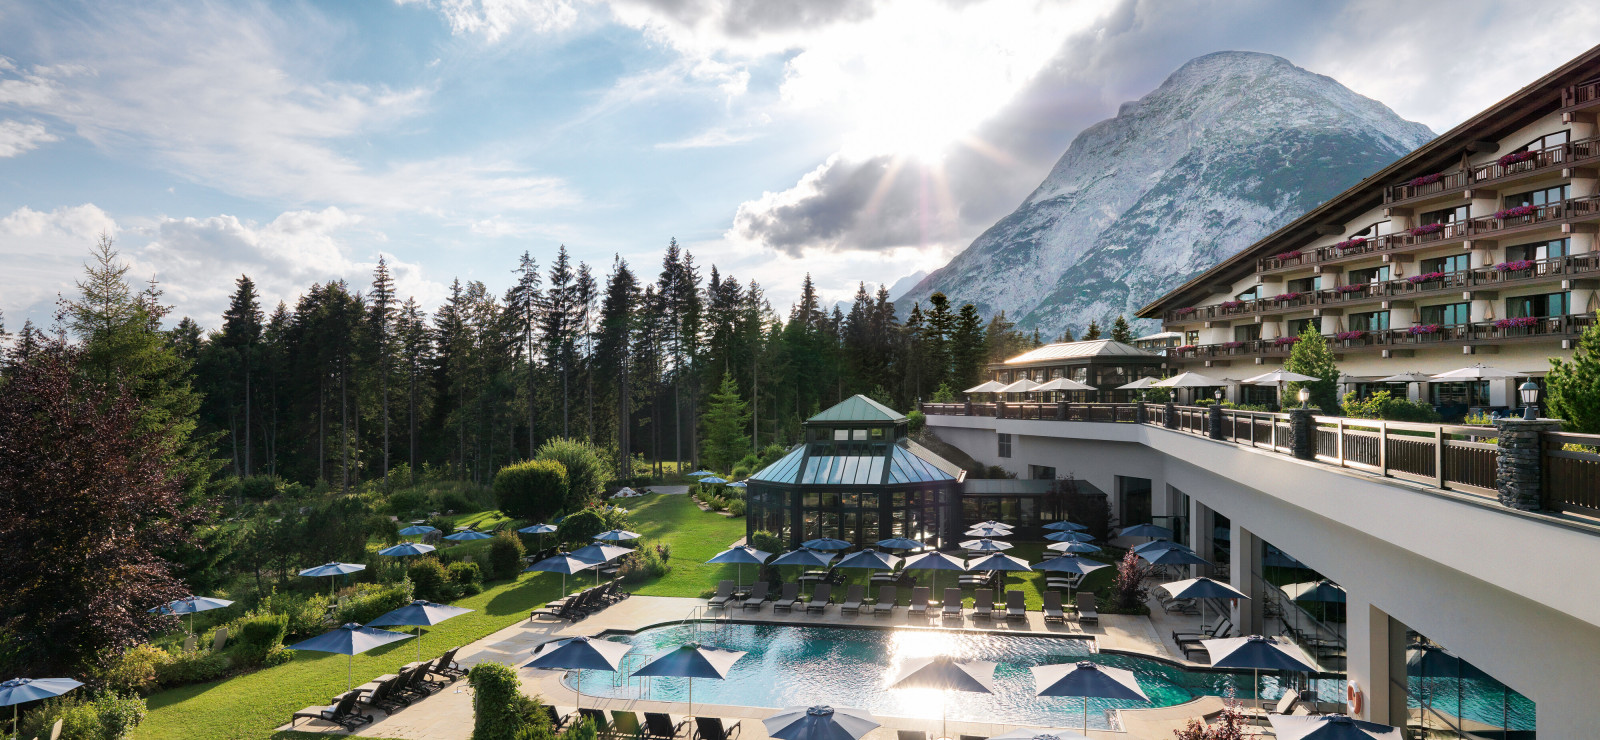 Interalpen - Hotel Tyrol GmbH Bilder | Bild 1